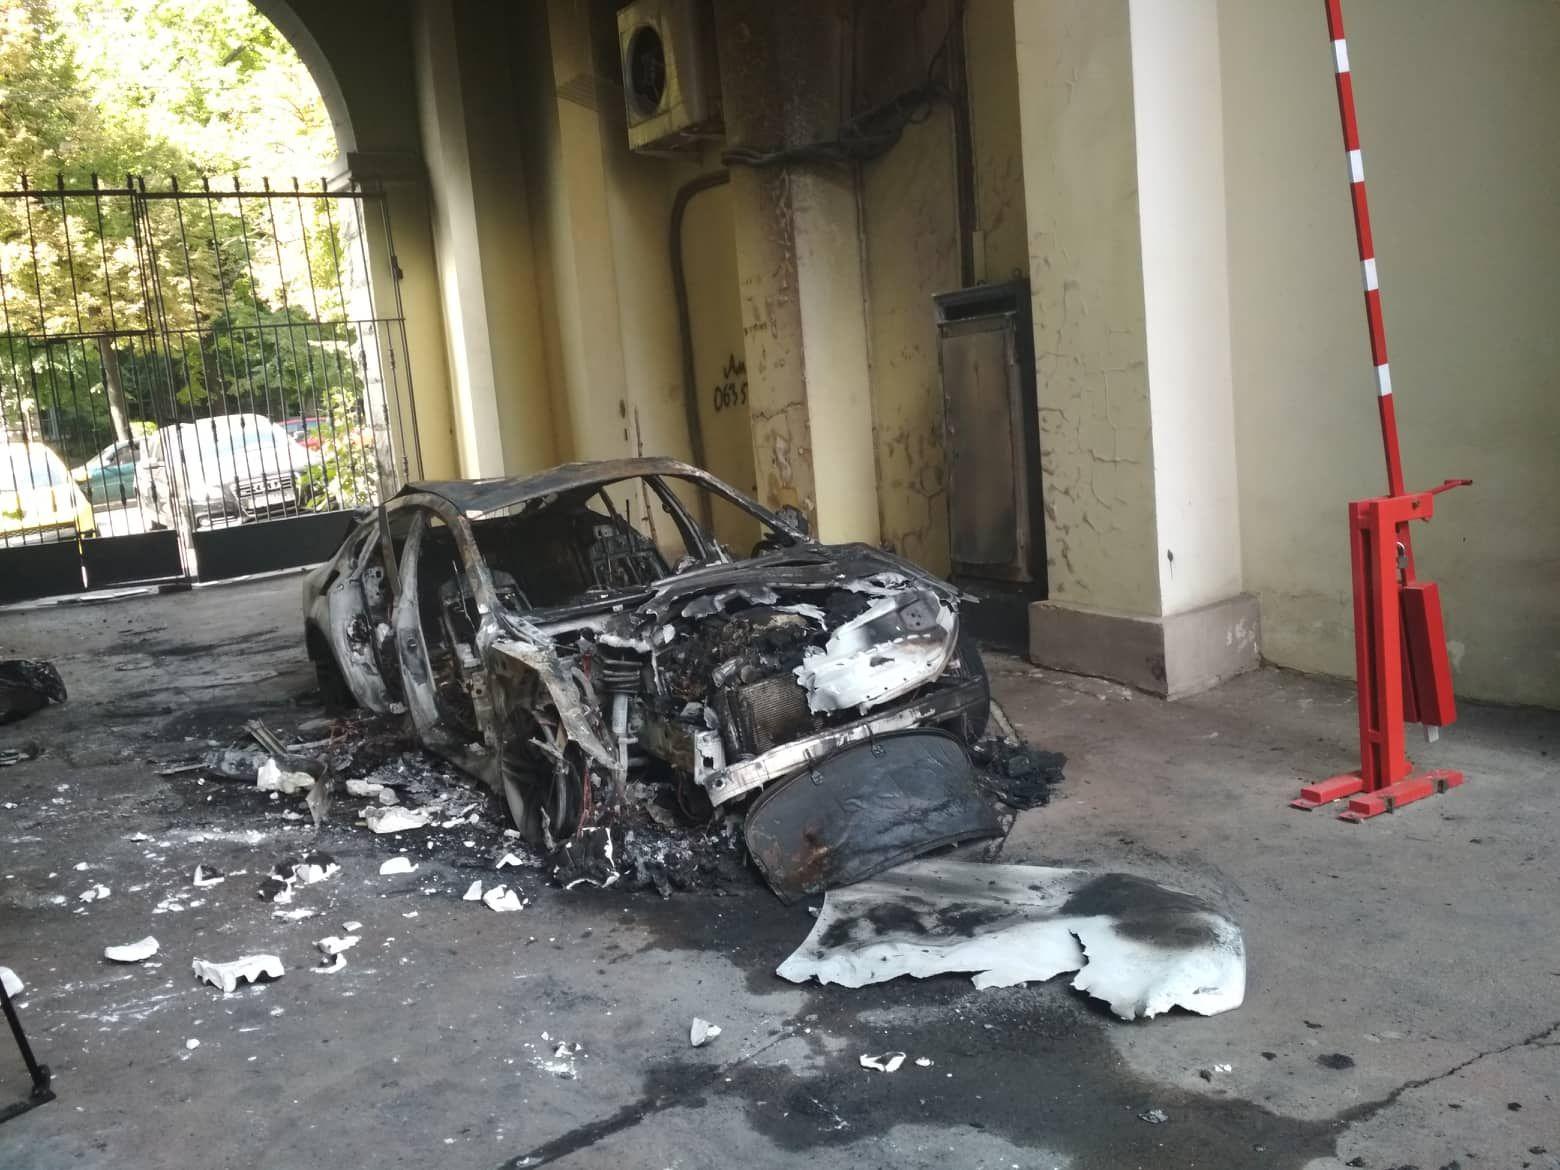 Все знали, чья это машина: охранник о поджоге автомобиля невестки Гонтаревой - Срочные новости - 24 Канал